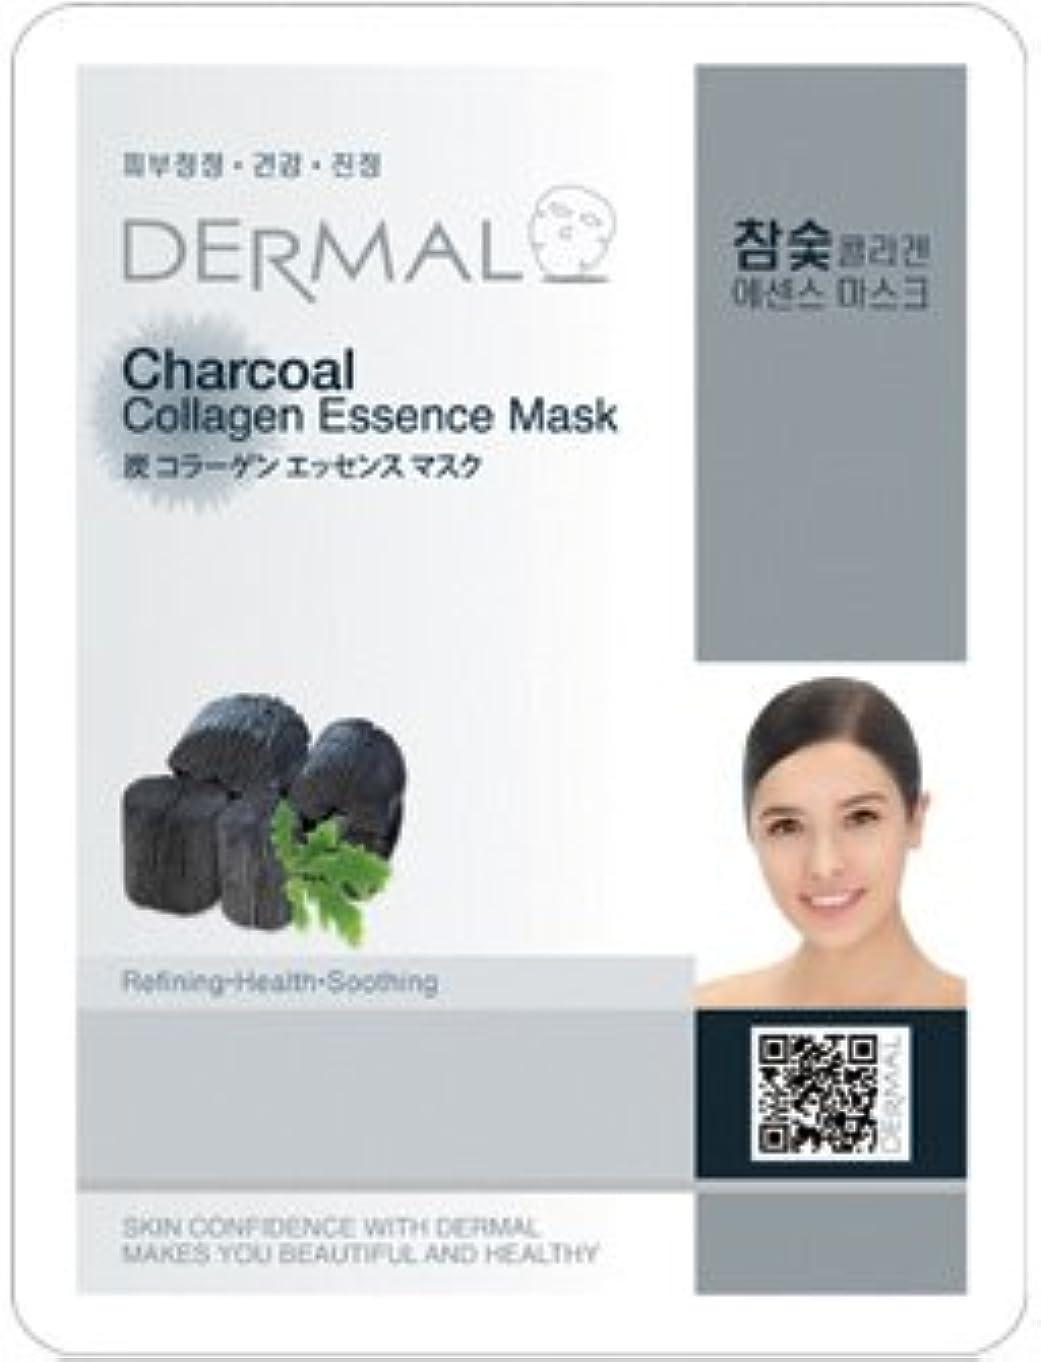 生き残りハッチ衰えるシート マスク 炭 ダーマル Dermal 23g (10枚セット) フェイス パック